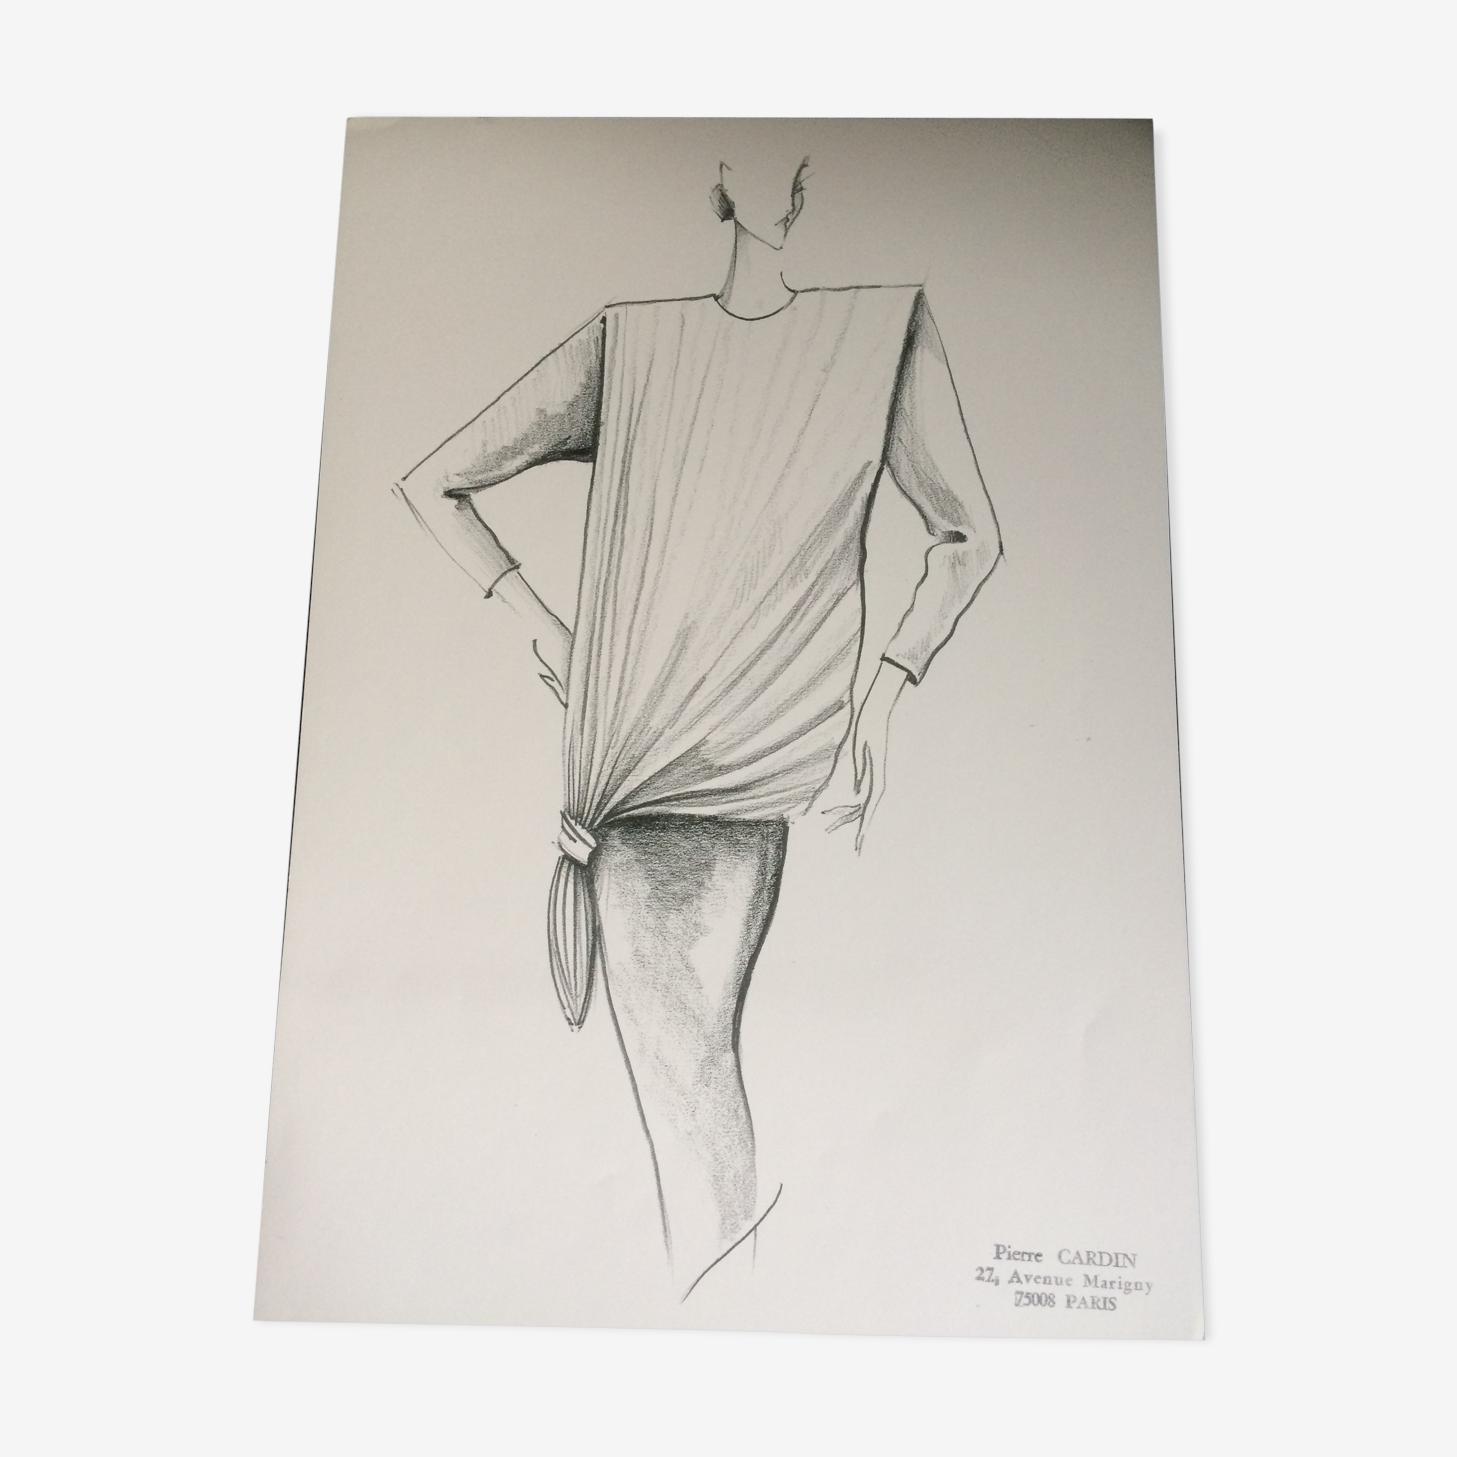 Pierre Cardin: croquis vintage de mode presse - début des années 90